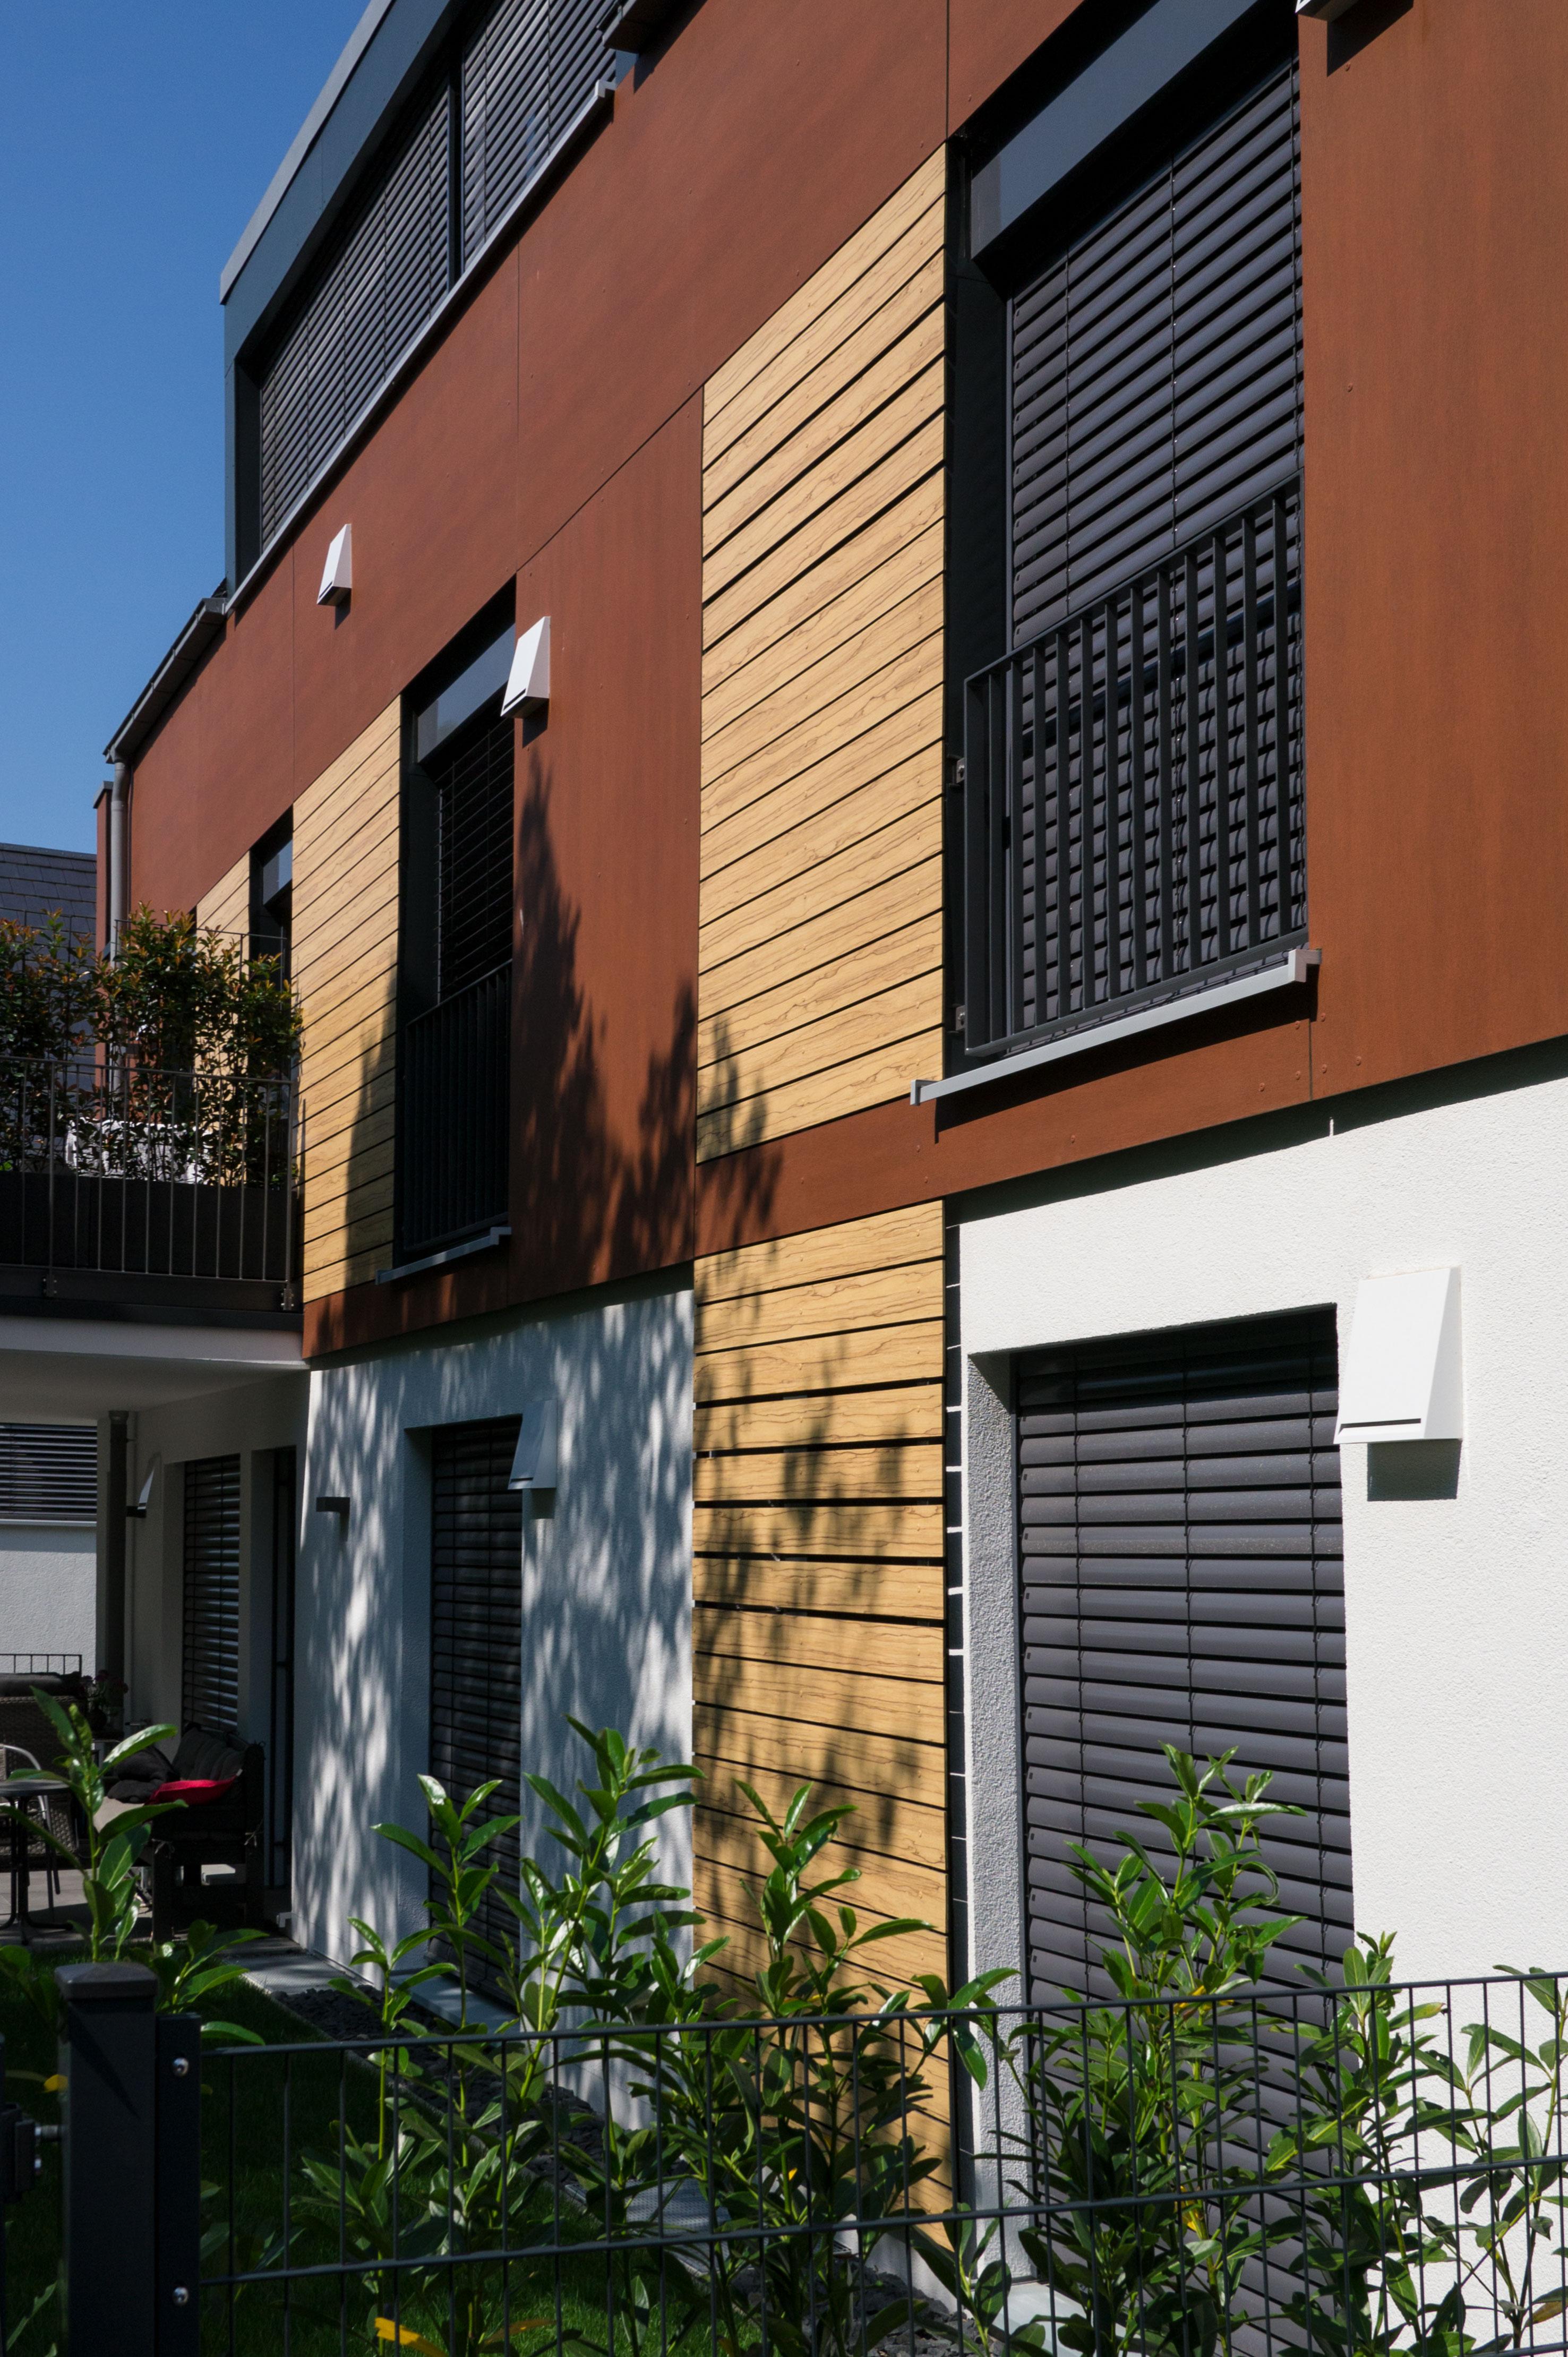 Lüfter, KfW 55 Haus, Wiesbaden, Experten für Energieeffizienz #bauen #energie